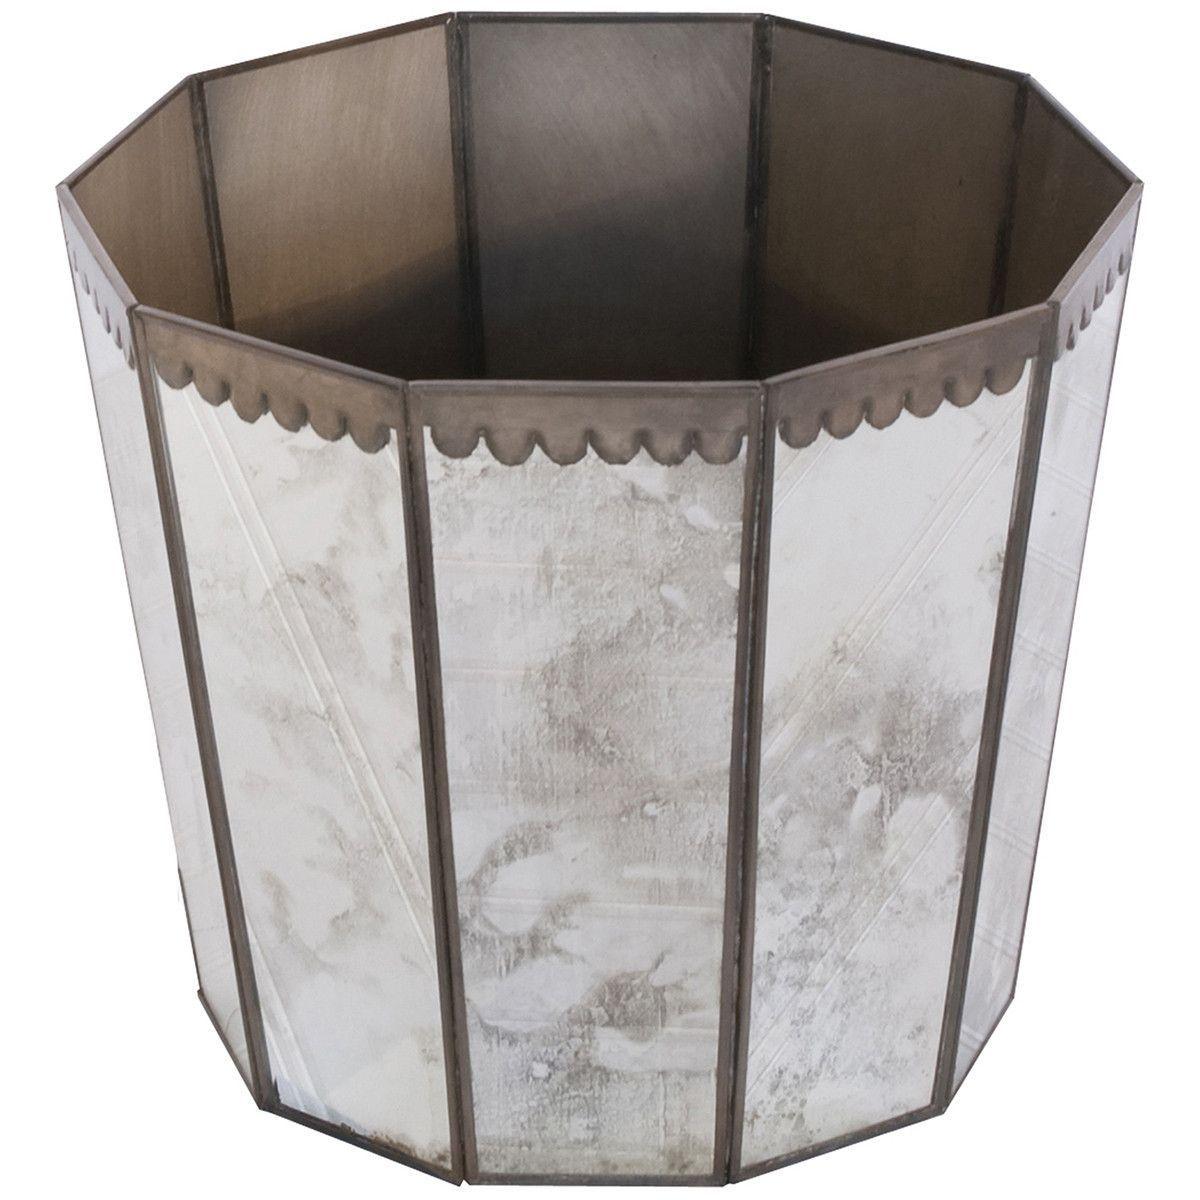 Worlds Away Antique Mirror Hexagonal Wastebasket